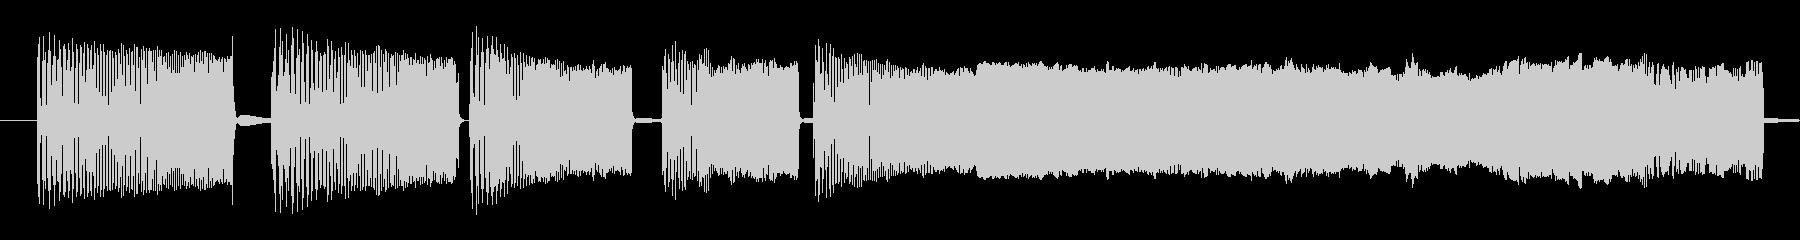 ハードマルチスパッタリングZAPS 3の未再生の波形